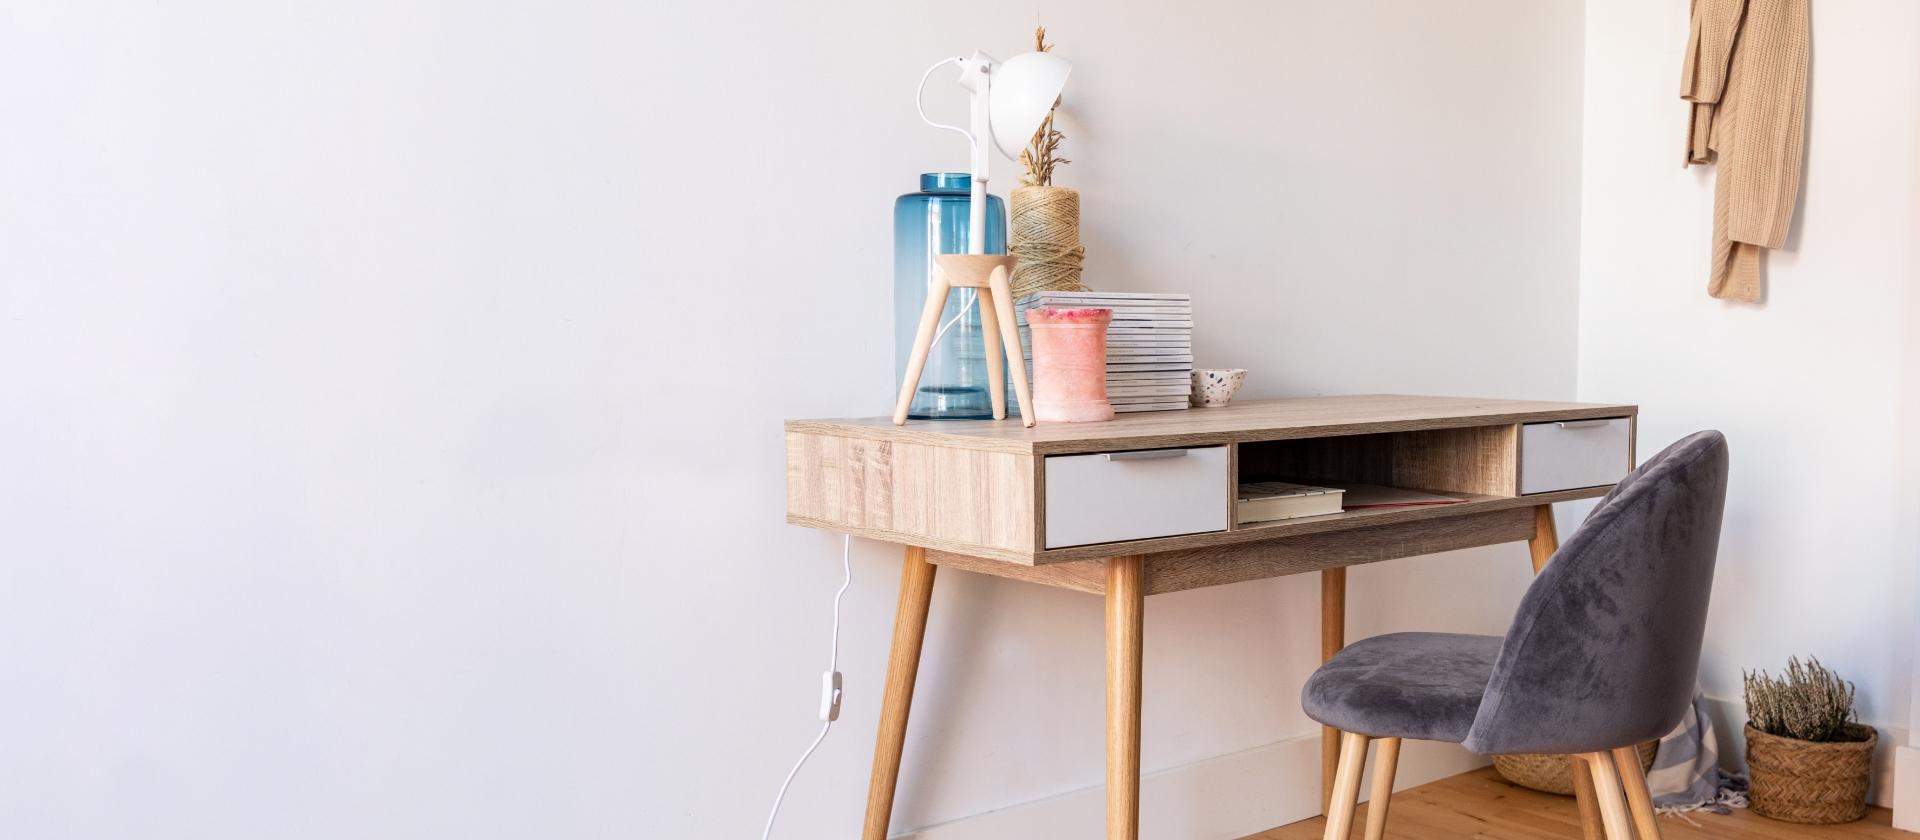 Table De Chevet Miroir Pas Cher meubles design pas cher | magasin meubles & déco - sklum